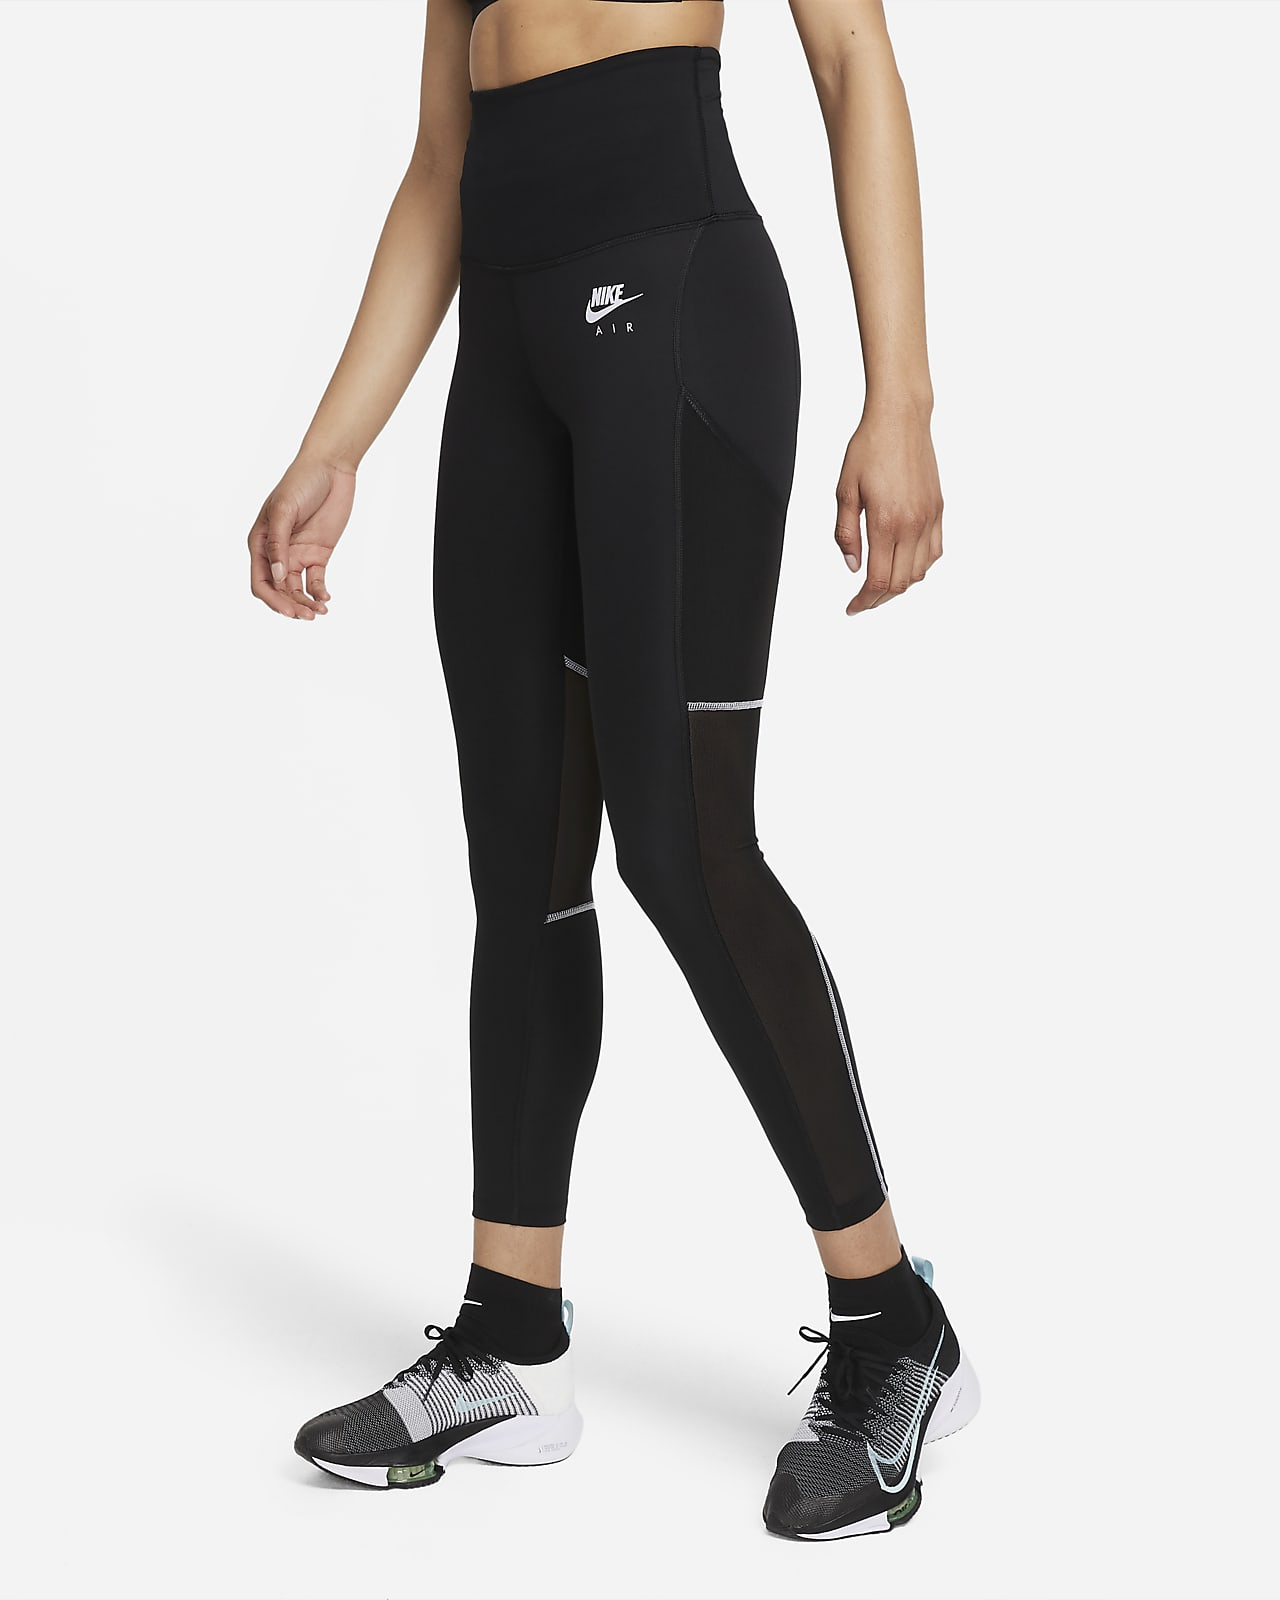 Nike Air Dri-FIT 7/8-hardlooplegging met omvouwbare taille voor dames